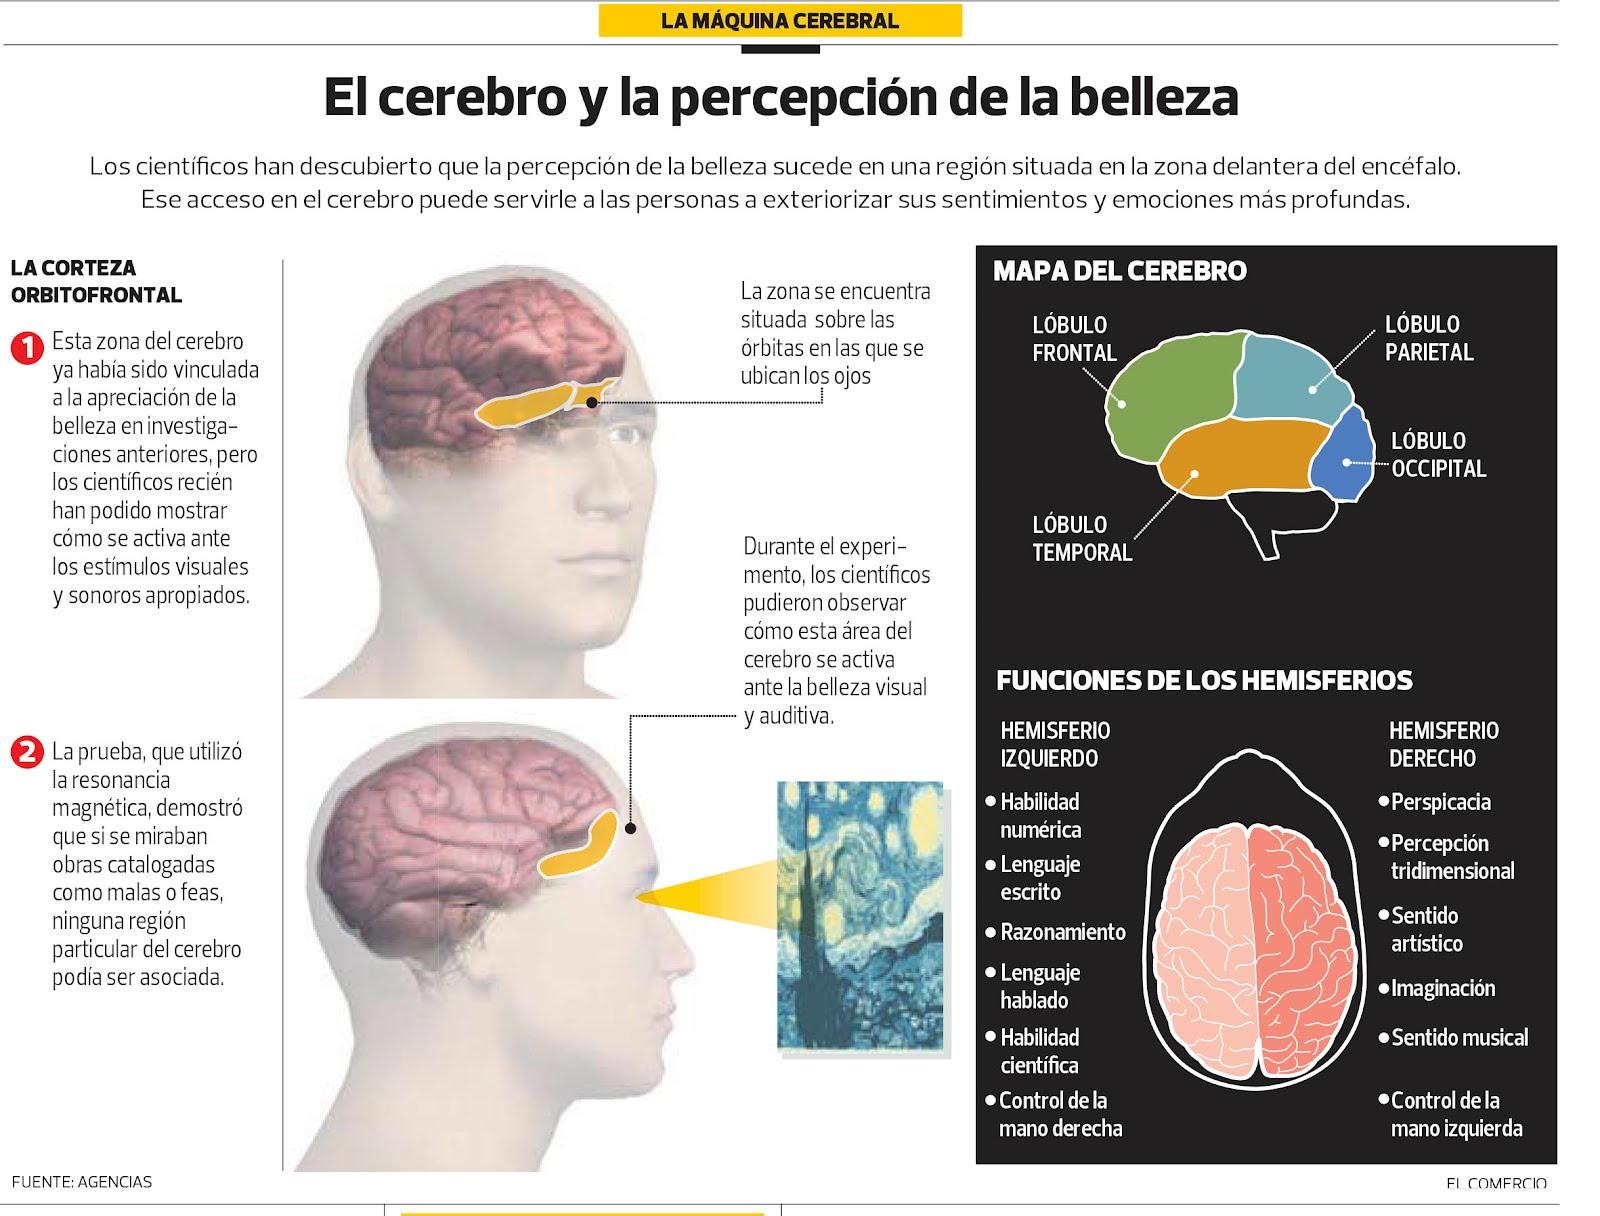 El cerebro y la percepción de la belleza